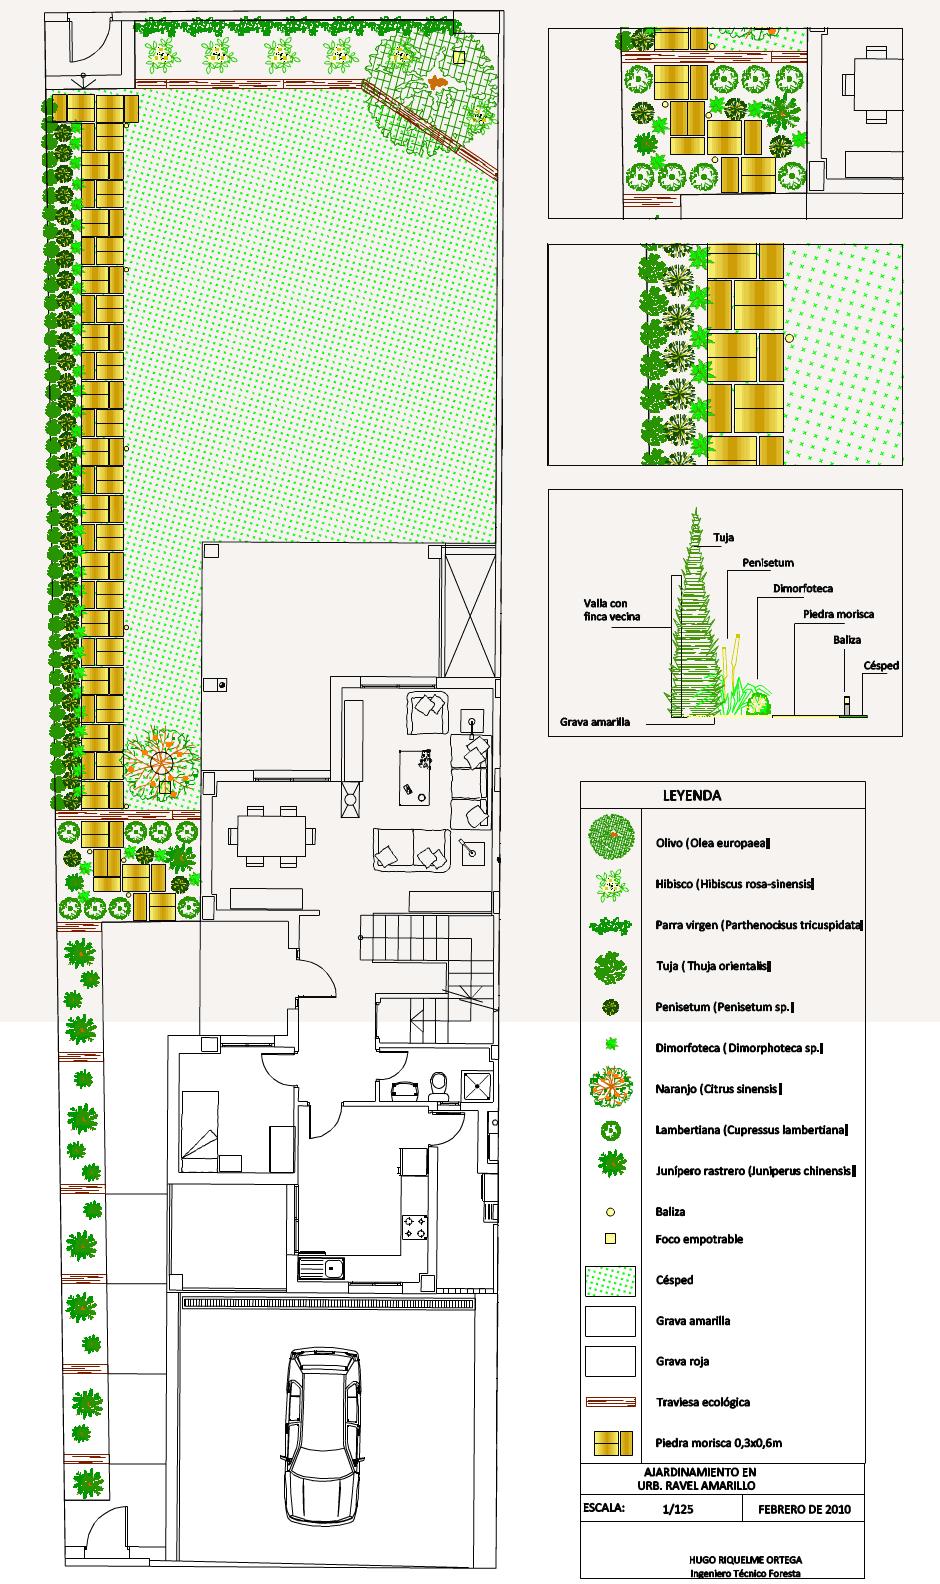 proyecto de jardín jardinería y paisajismo